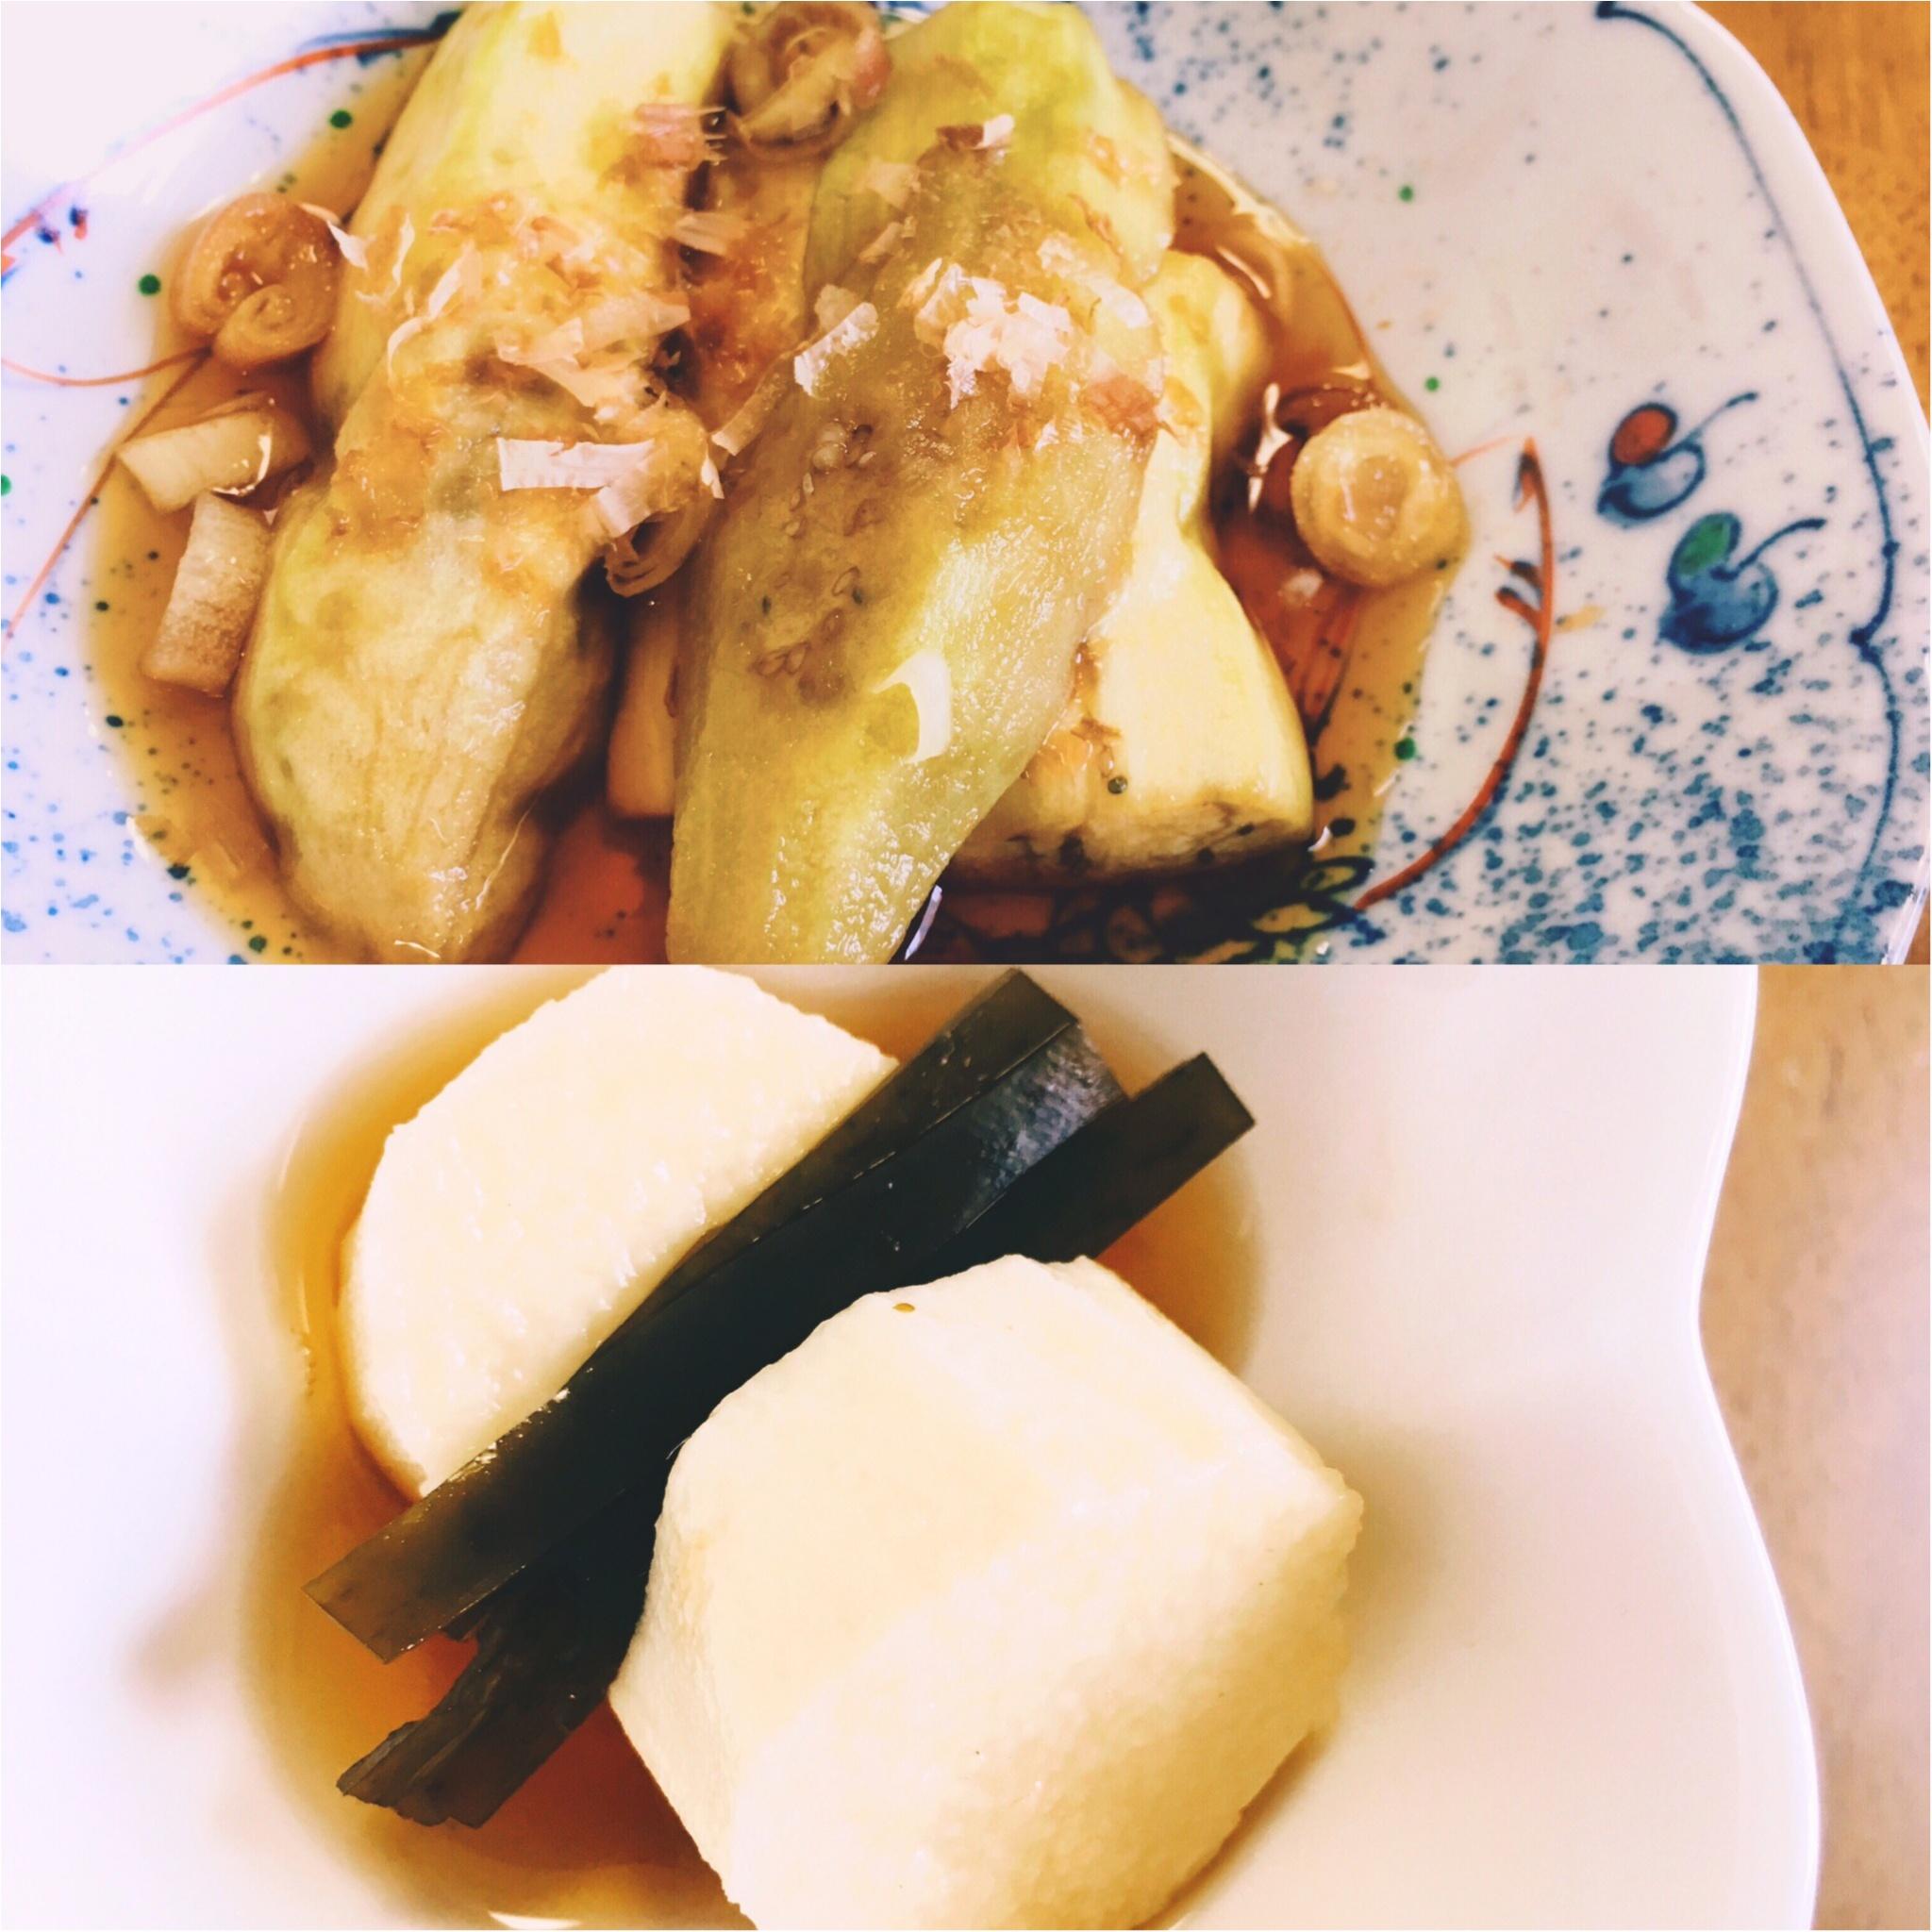 【おうちごはん】冷やしても美味しい!ご飯のおともに夏野菜おかず_3